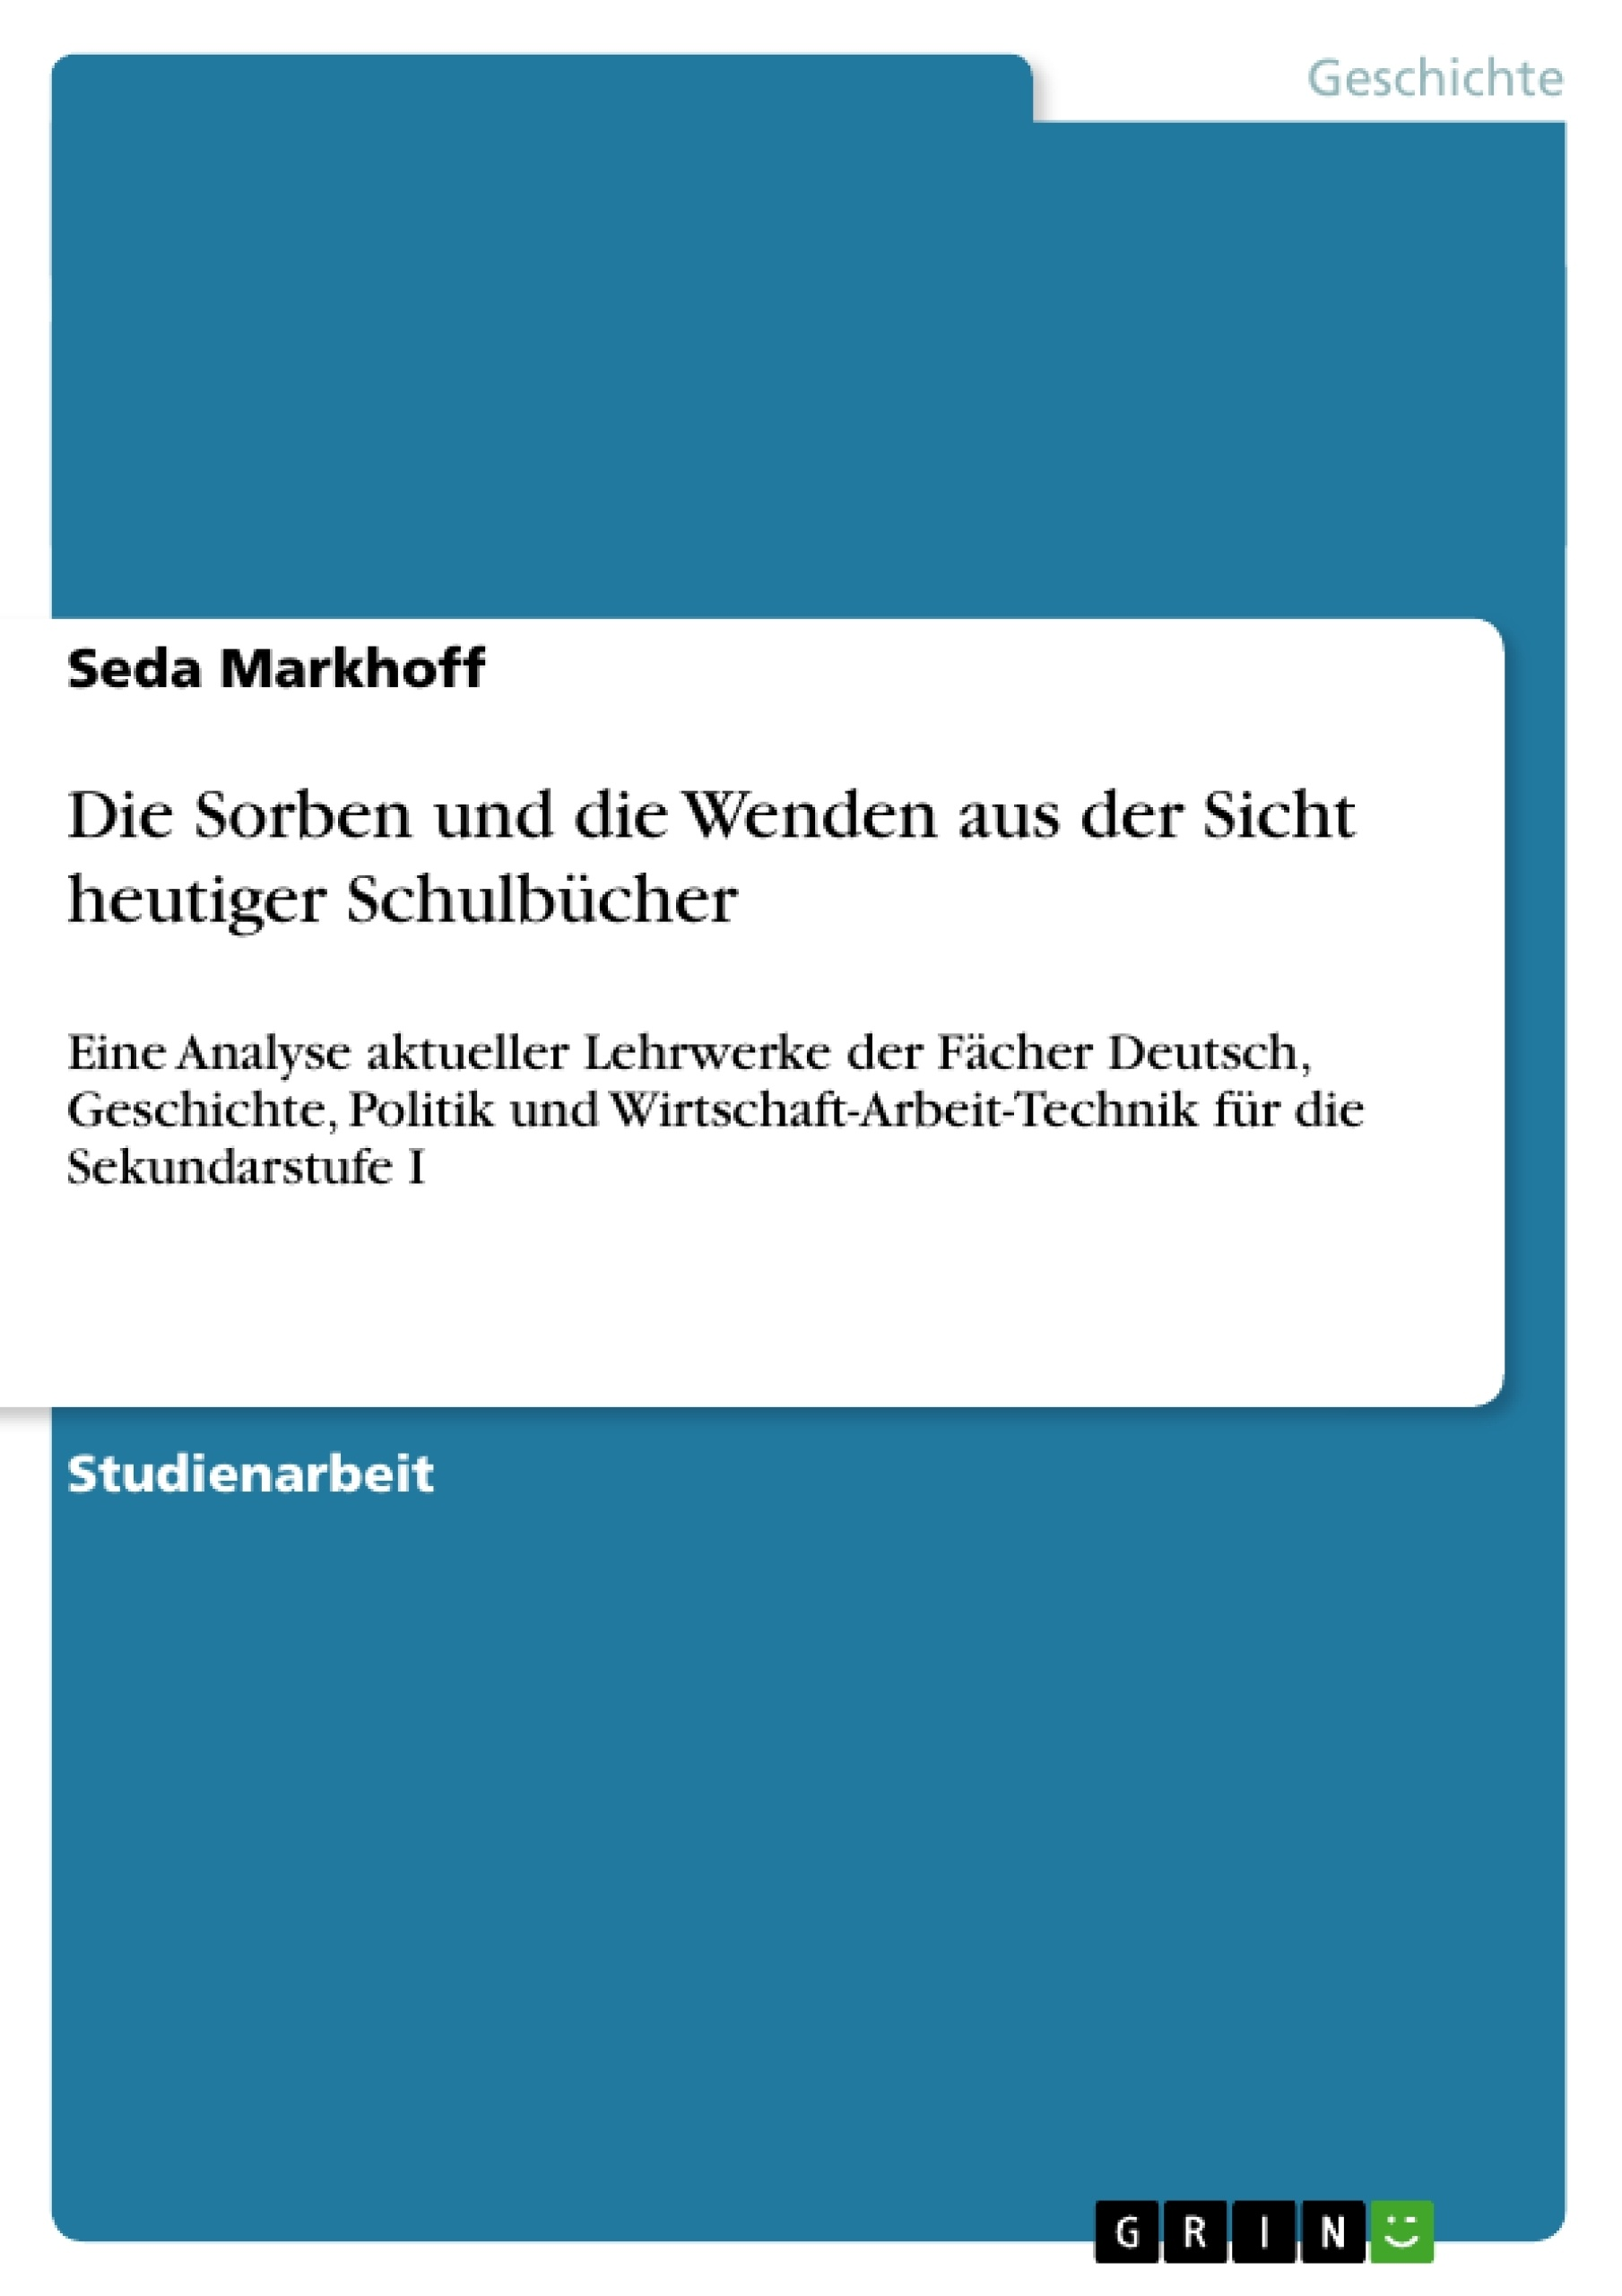 Titel: Die Sorben und die Wenden aus der Sicht  heutiger Schulbücher